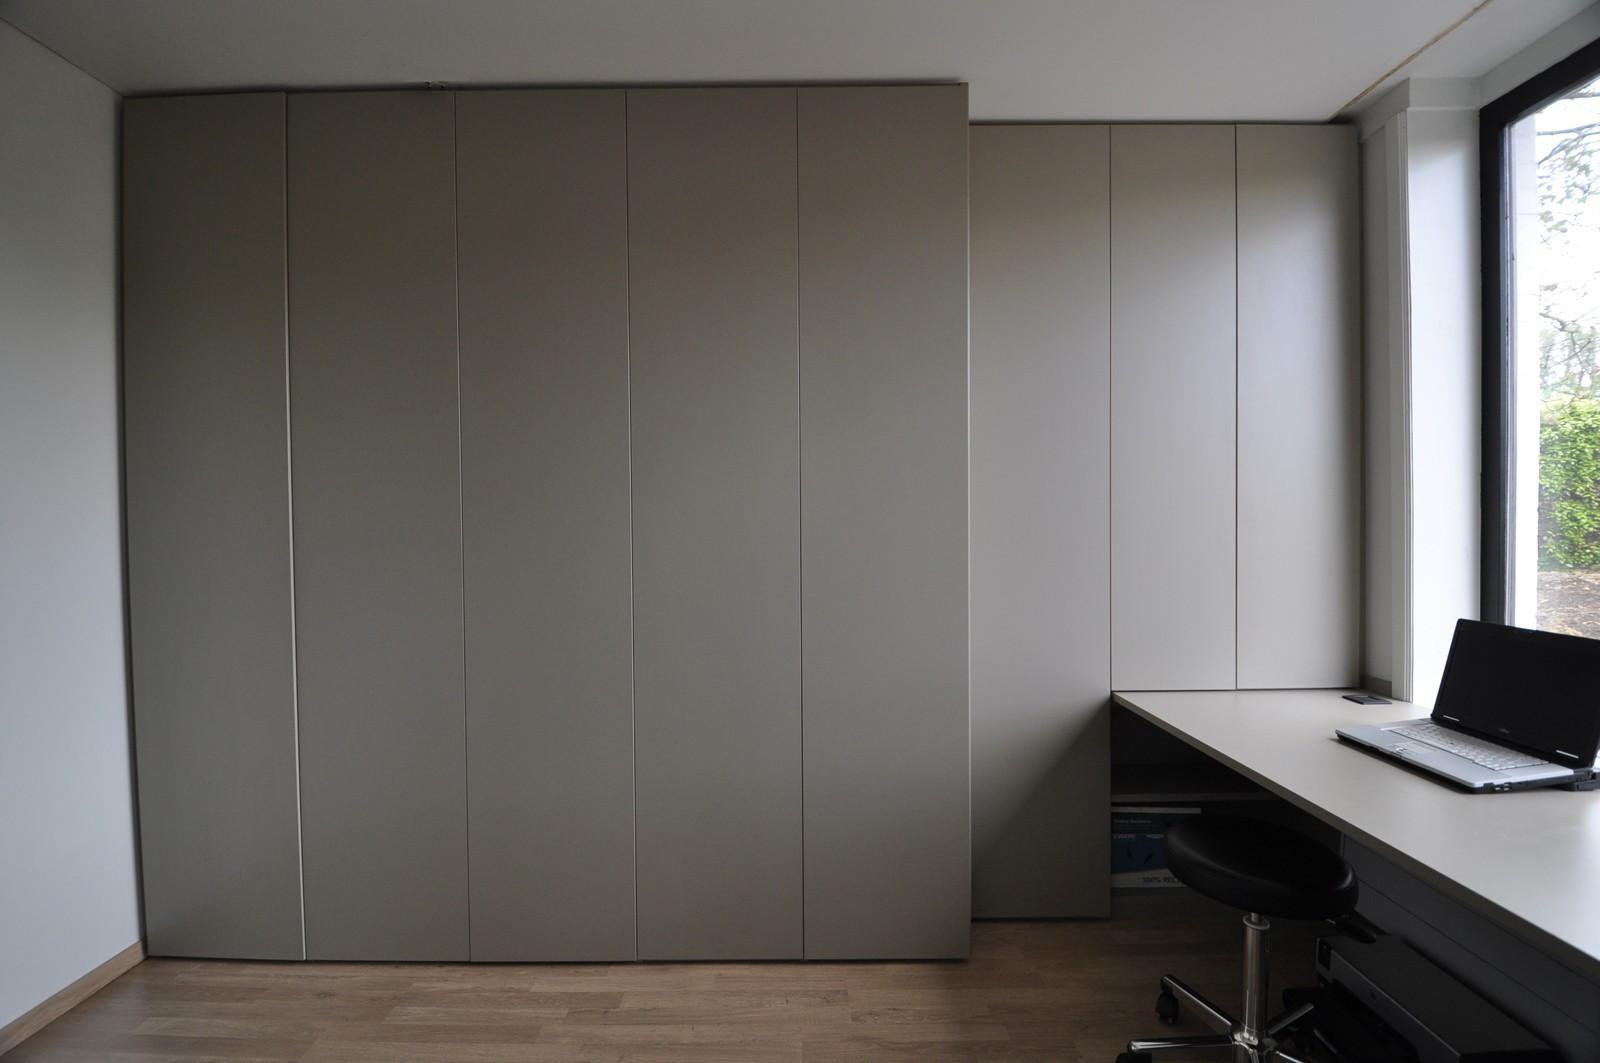 Bureau in basaltgrijs kast id kasten meubelen dressings scheidingswanden en schuifdeuren - Coulissan deur je dressing bladeren ...